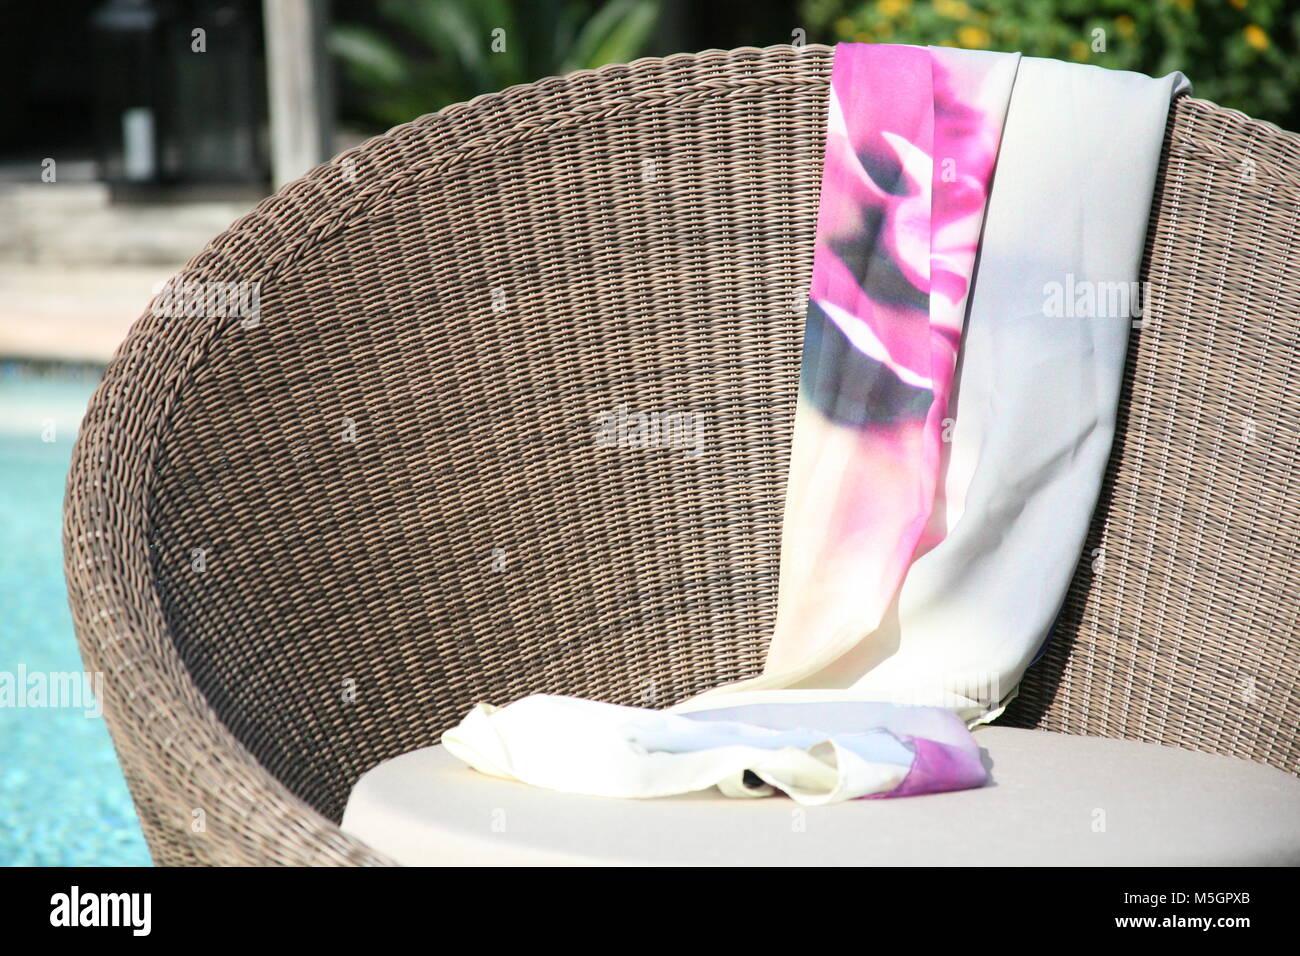 Curva sedia in vimini dalla piscina con motivi floreali rosa sarong drappeggiato sopra di esso Immagini Stock